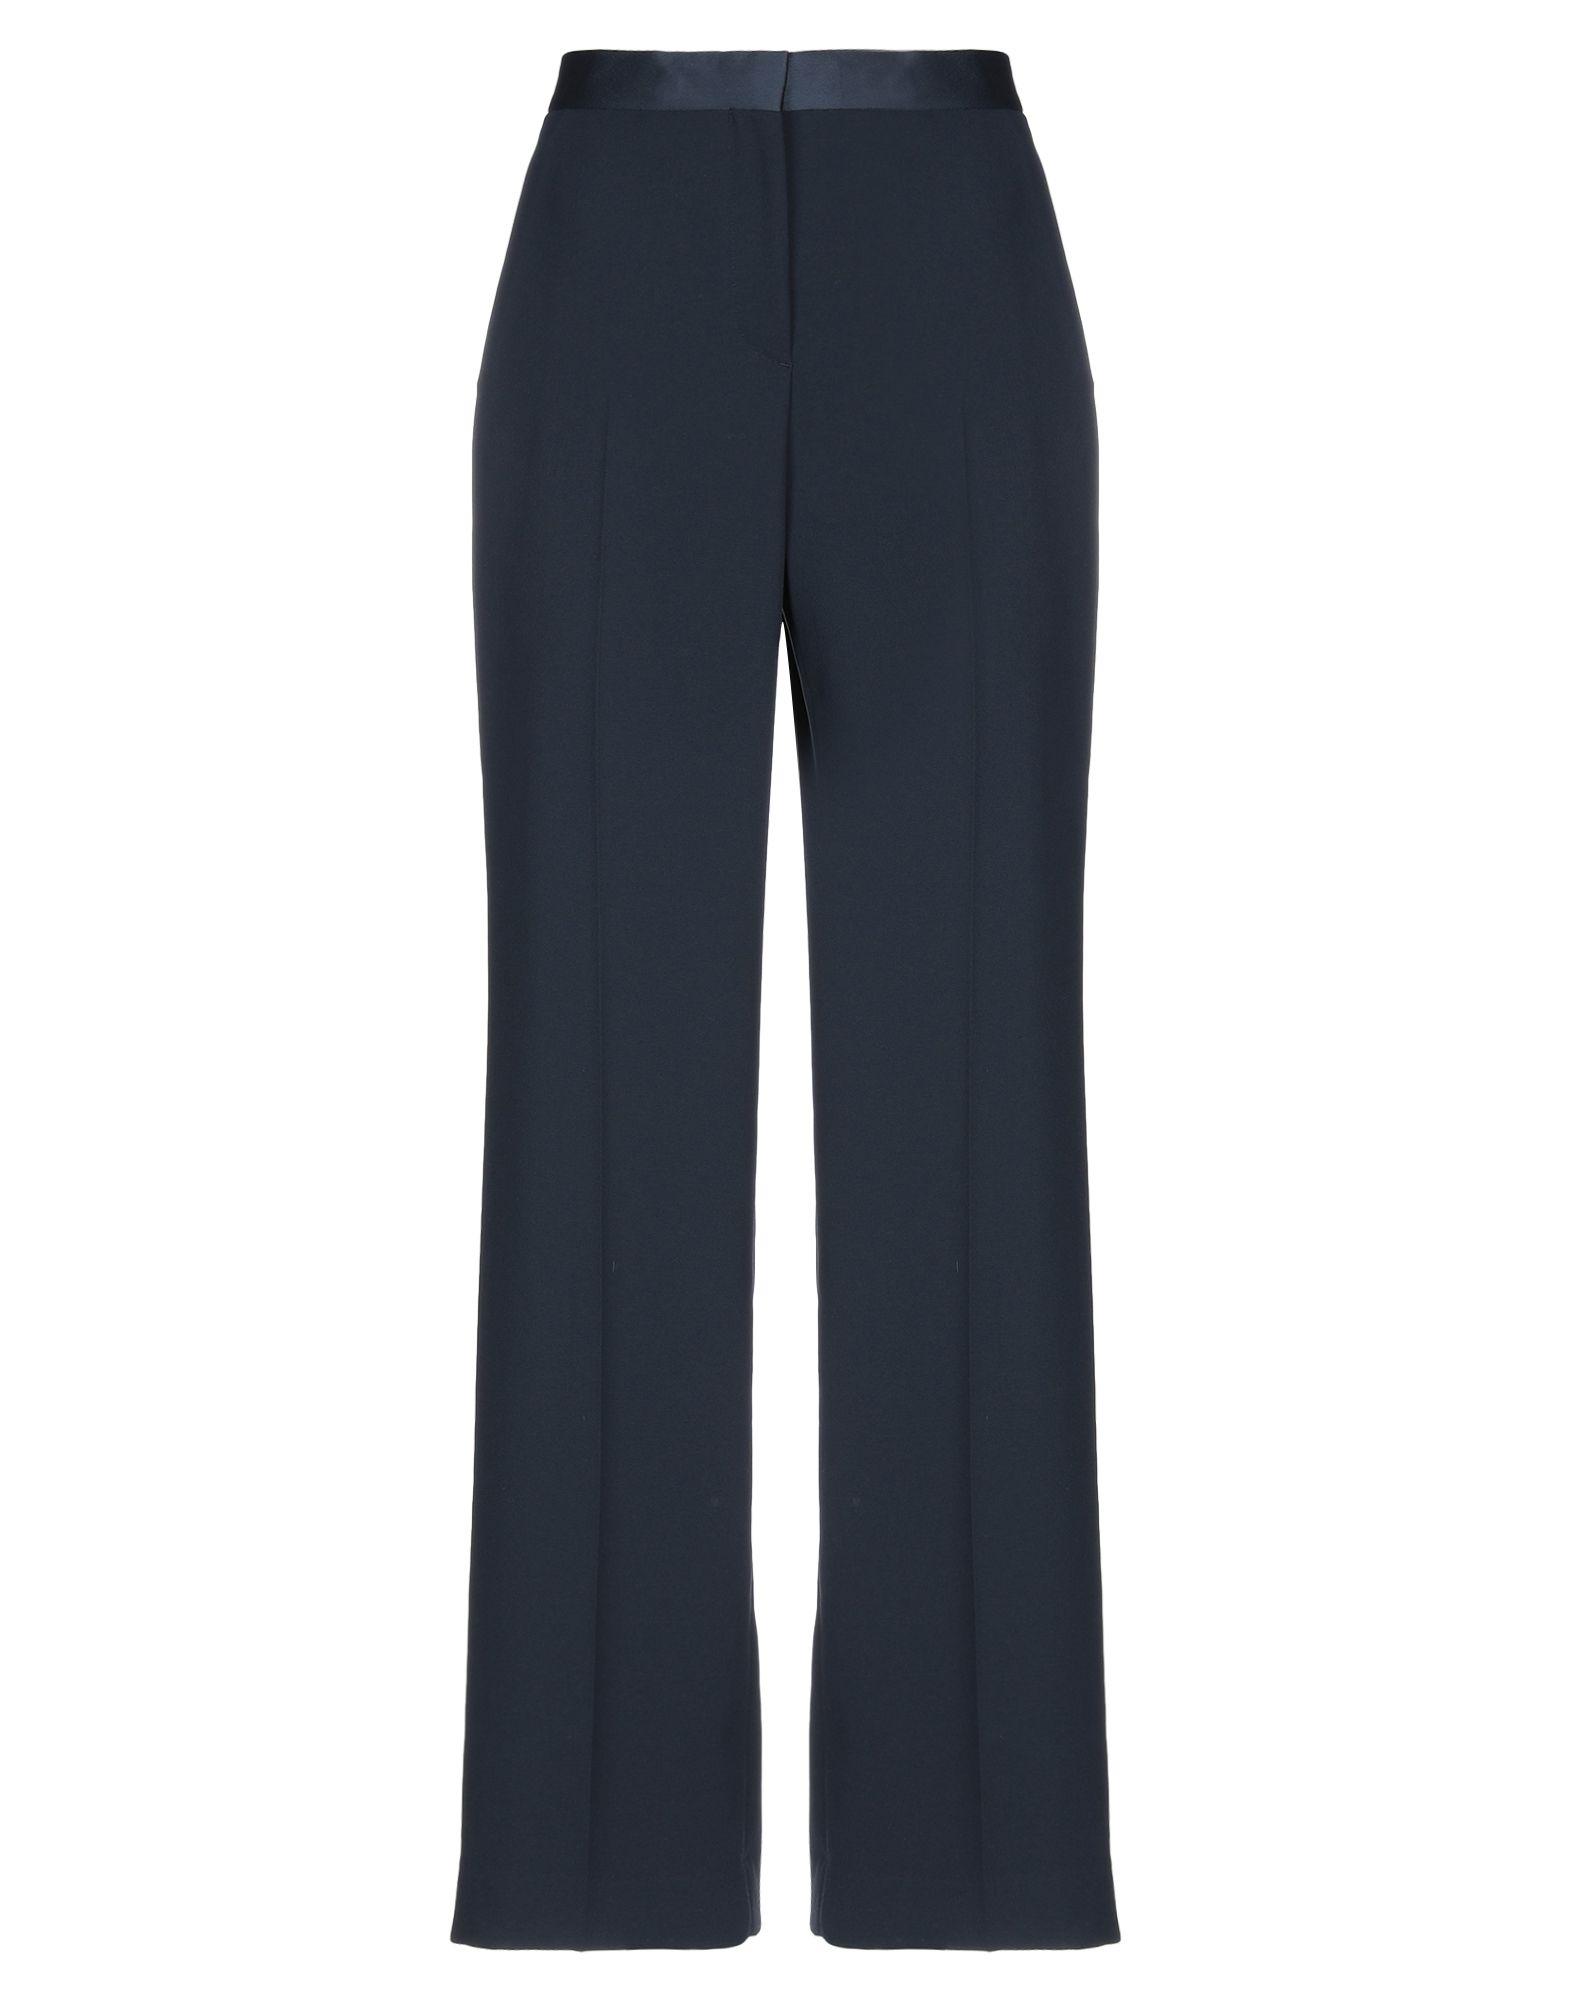 PAUL SMITH BLACK LABEL Повседневные брюки цена 2017